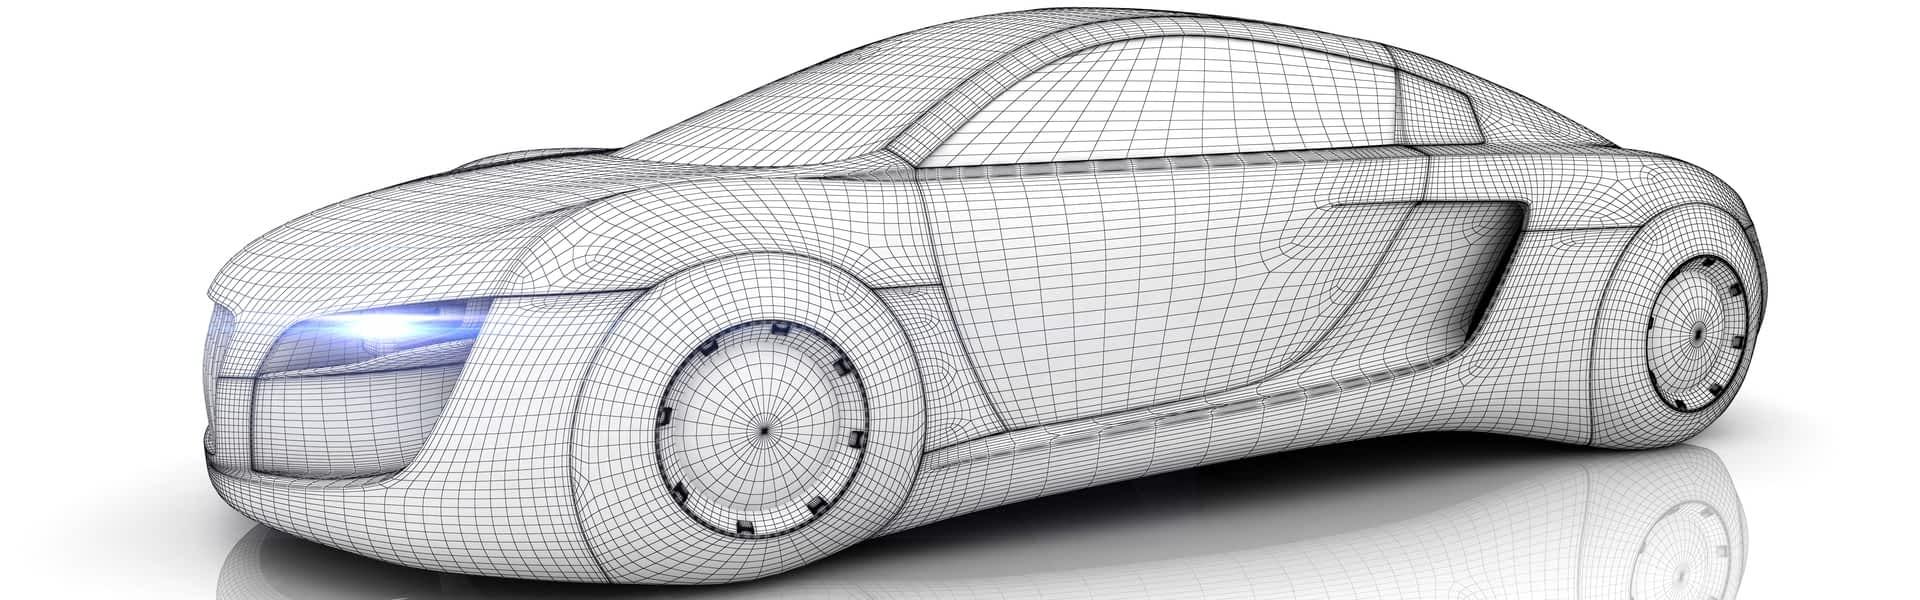 Weiterbildung 3d designer in berlin moabit for Weiterbildung grafikdesign